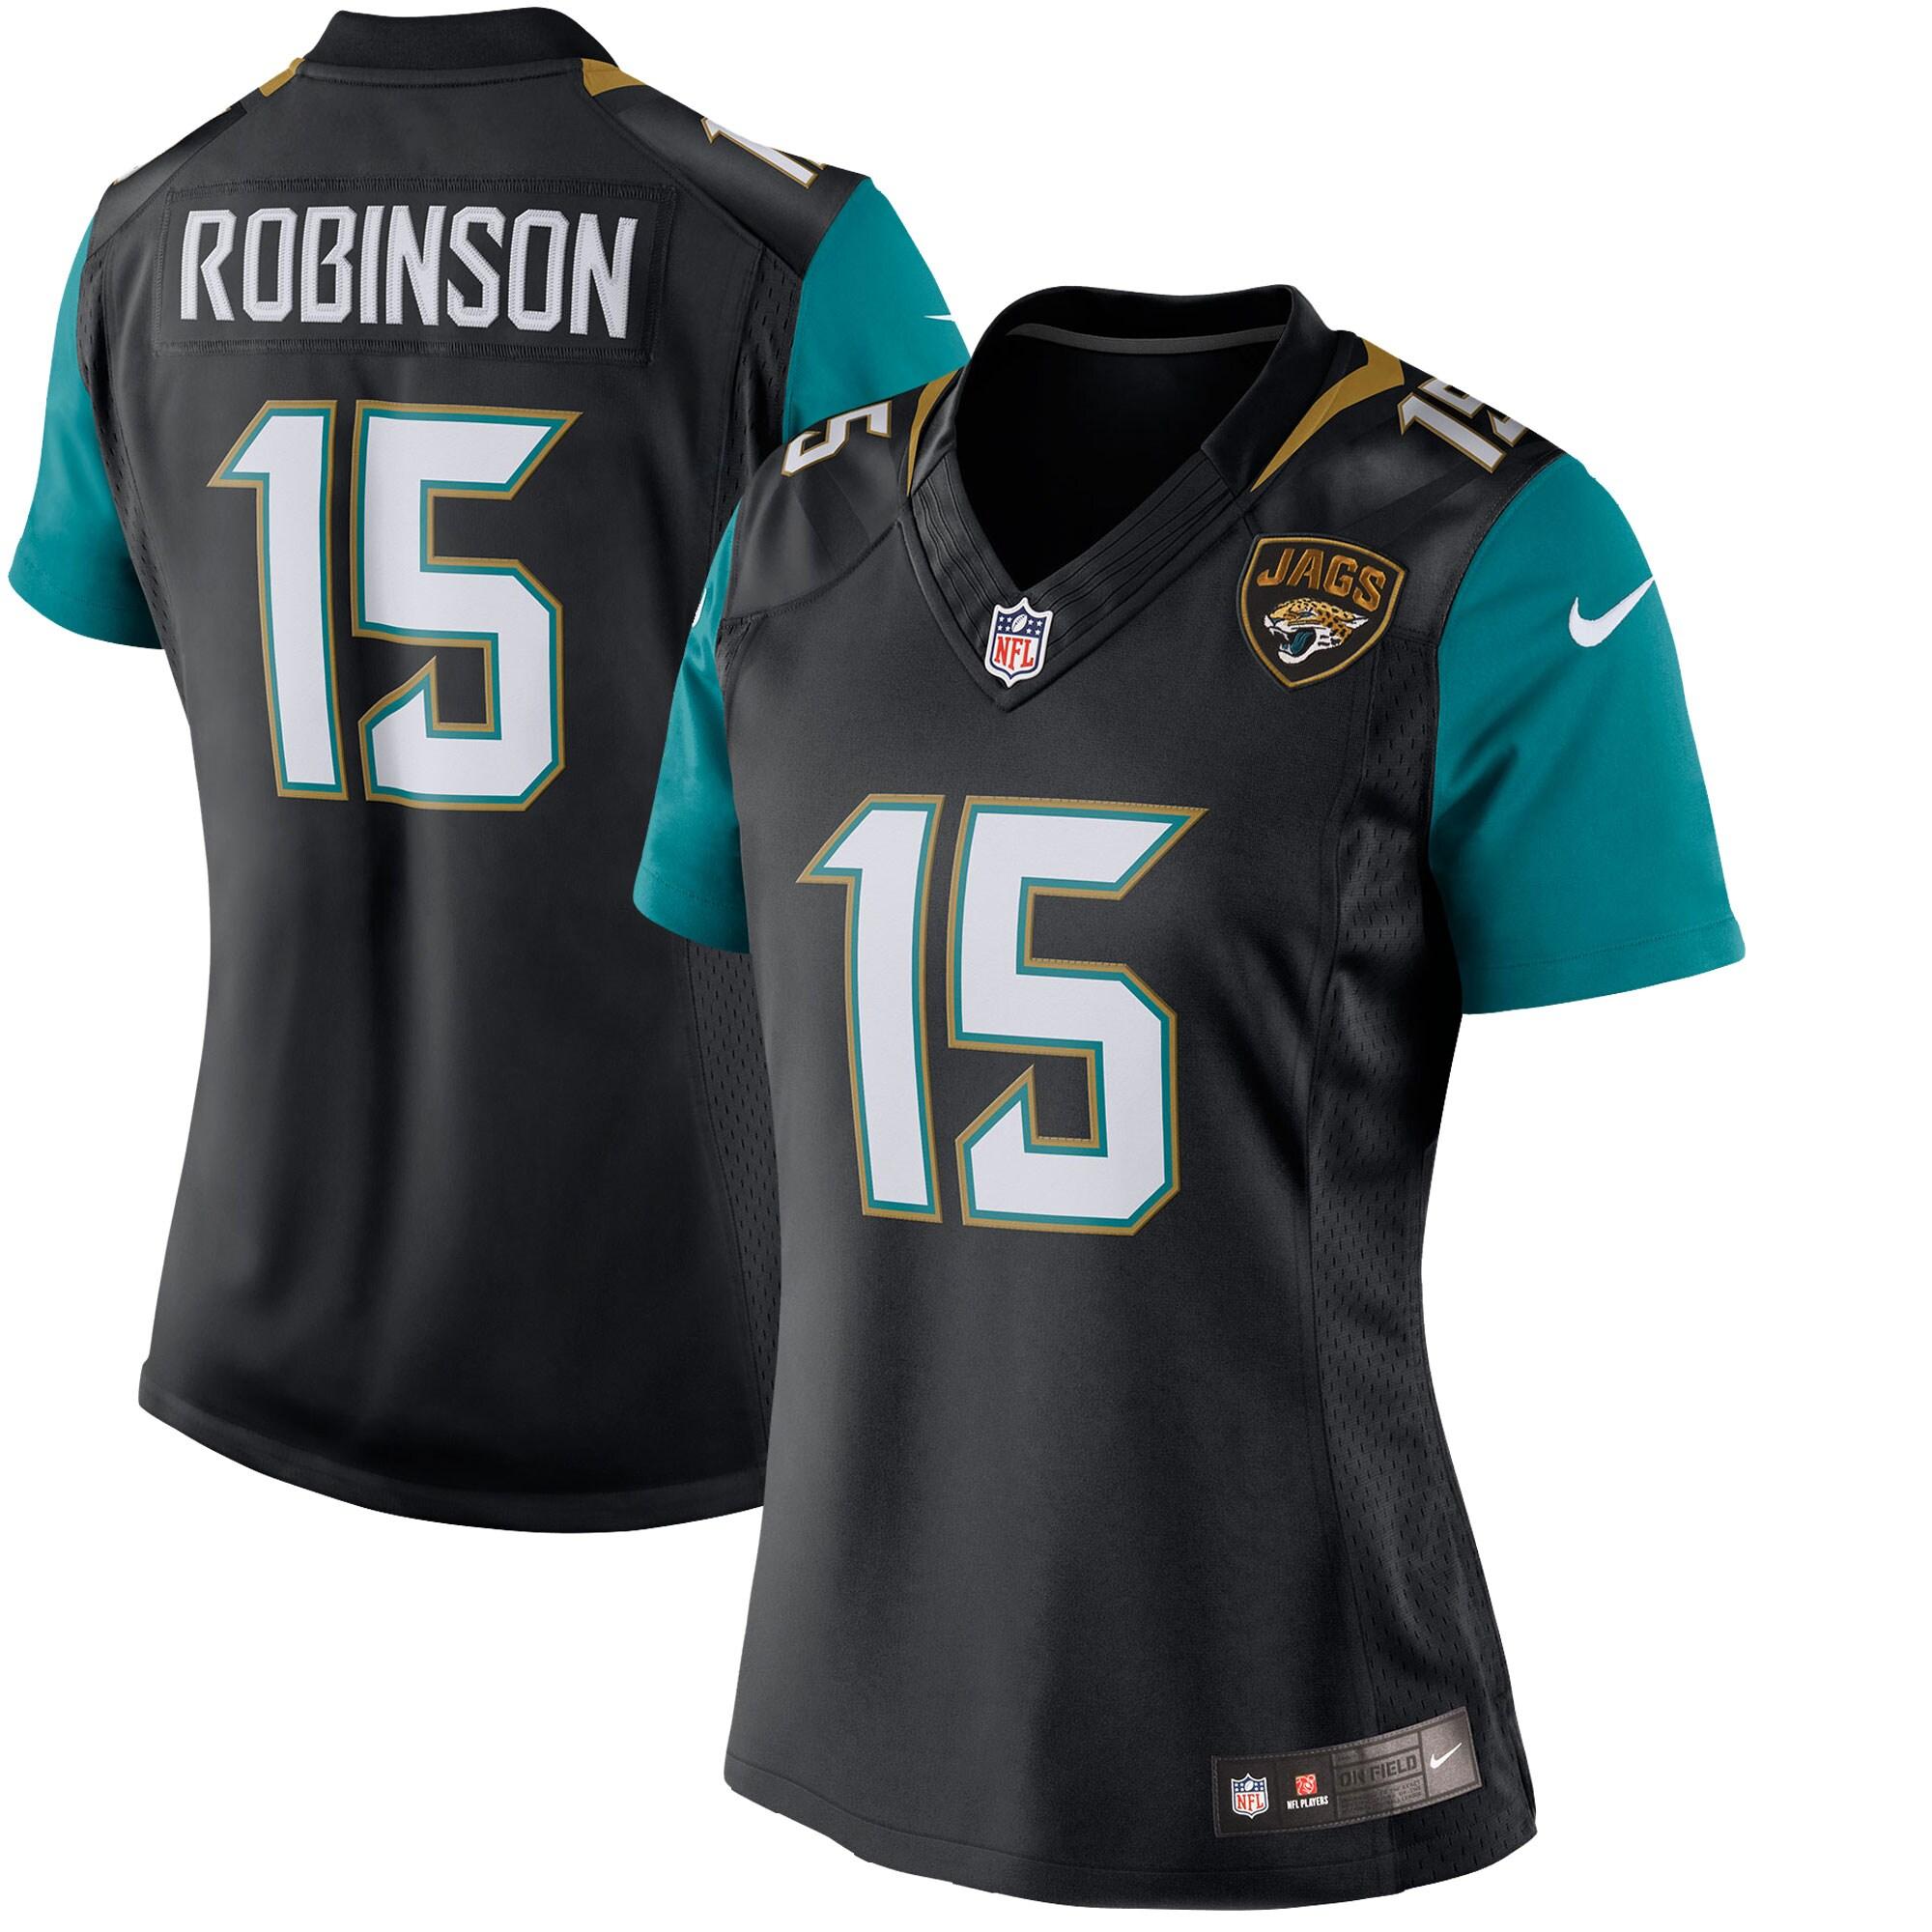 Allen Robinson Jacksonville Jaguars Nike Women's Limited Jersey - Black